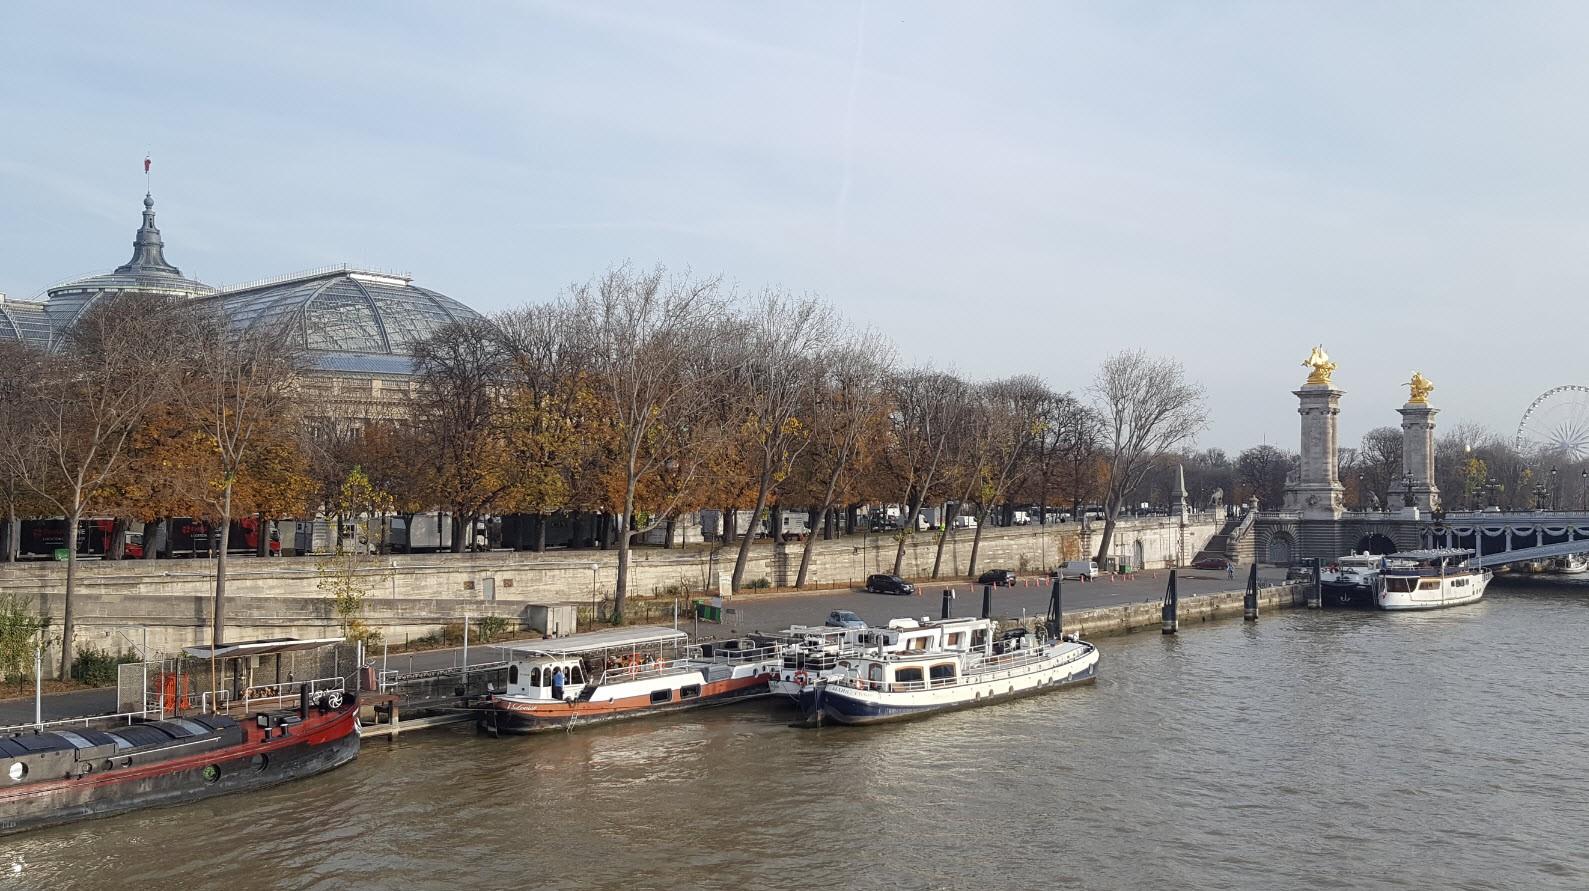 Narcisse blanc paris inspiration for travellers for Trouver un hotel a paris